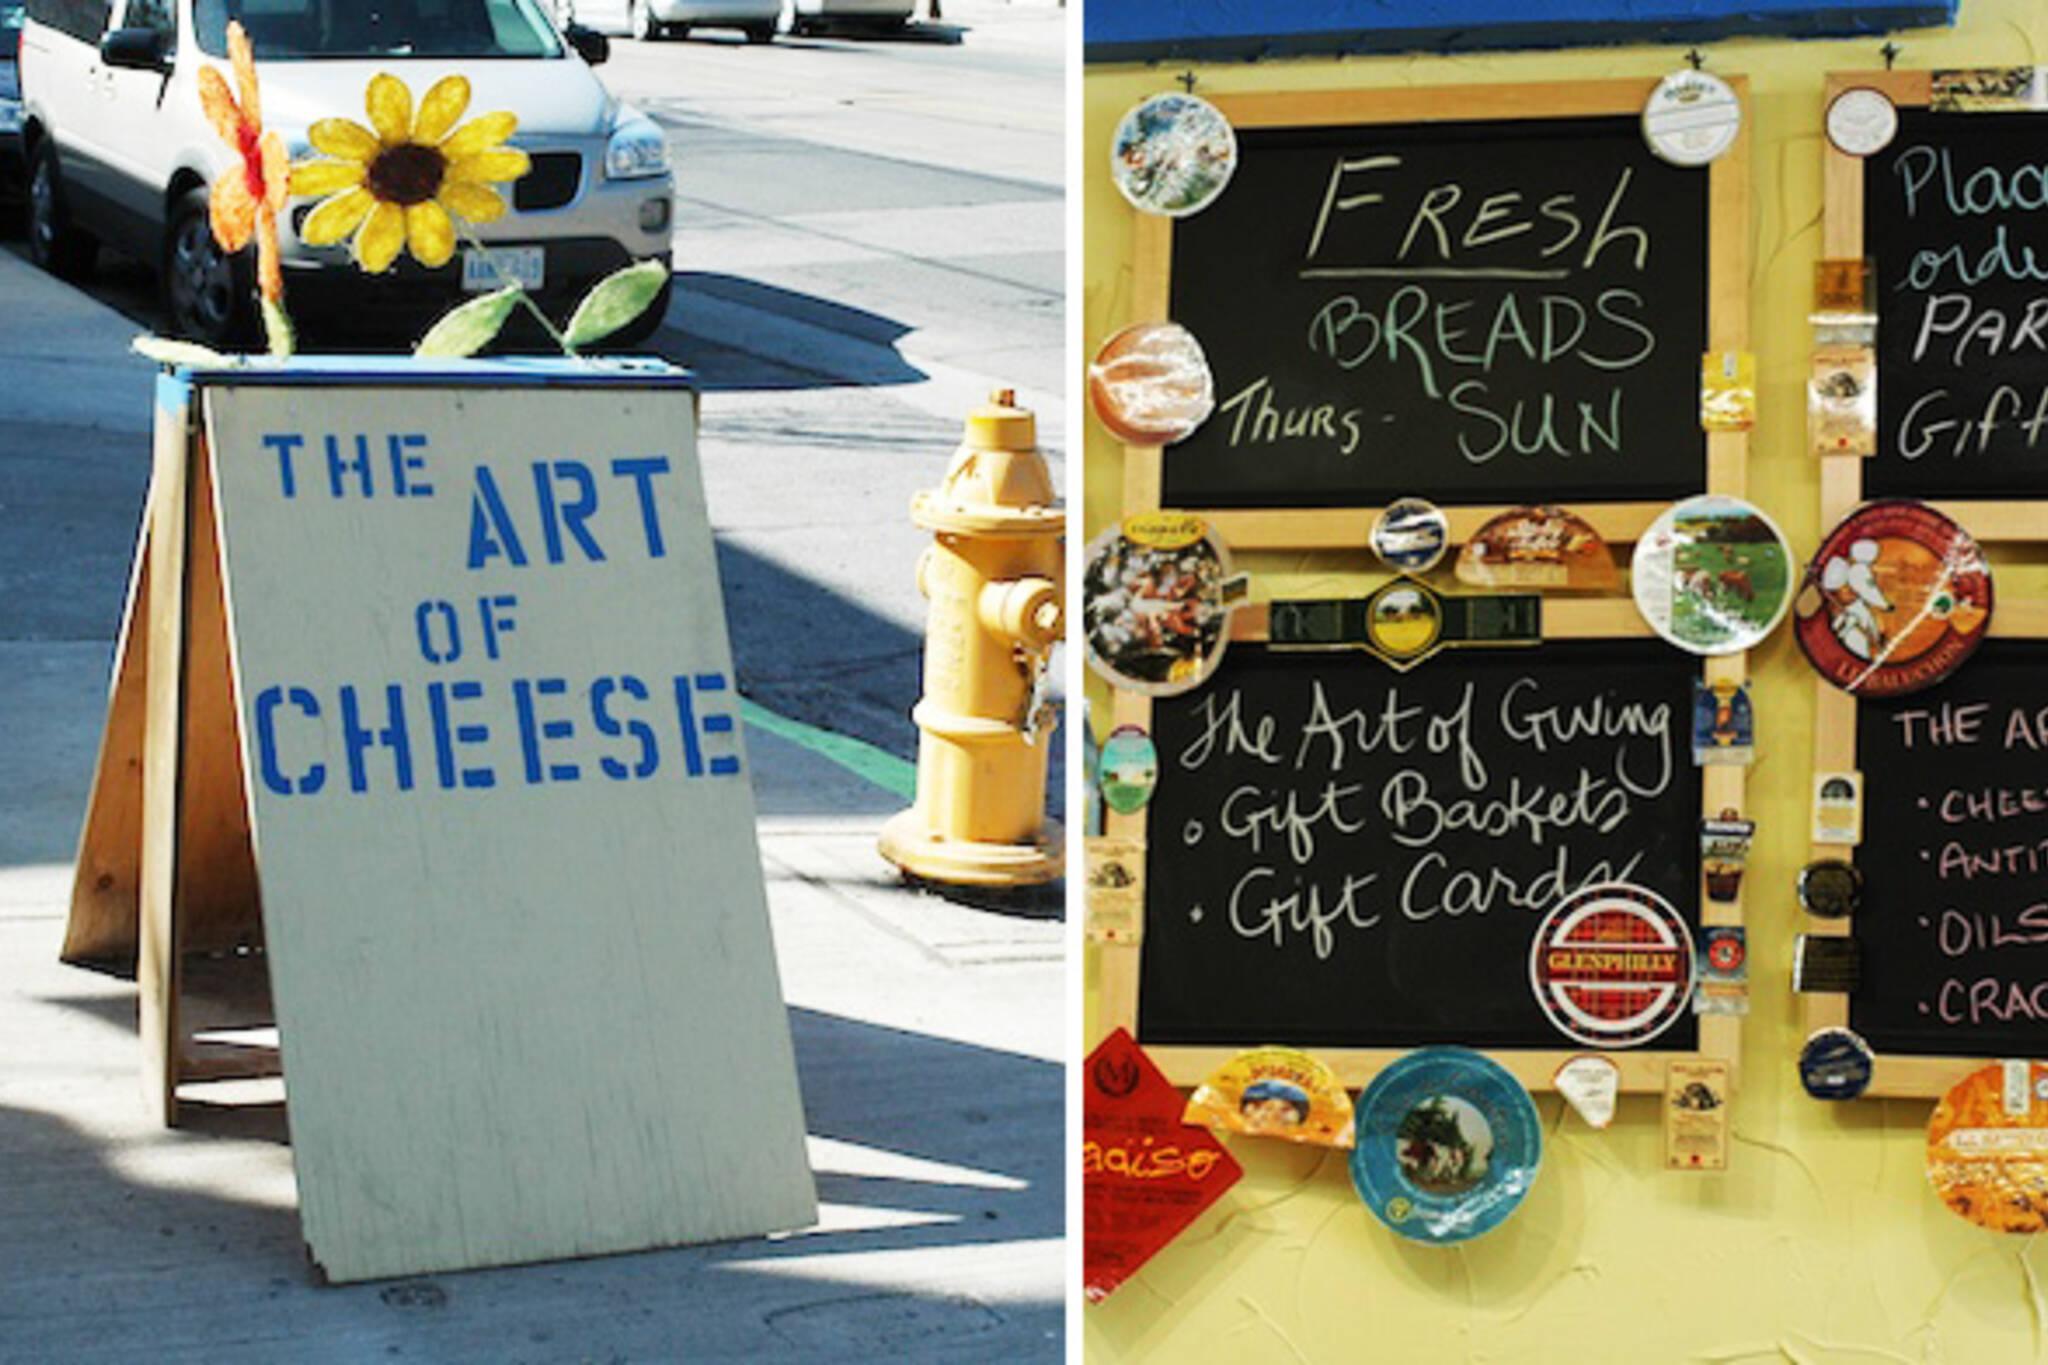 art of cheese toronto beaches